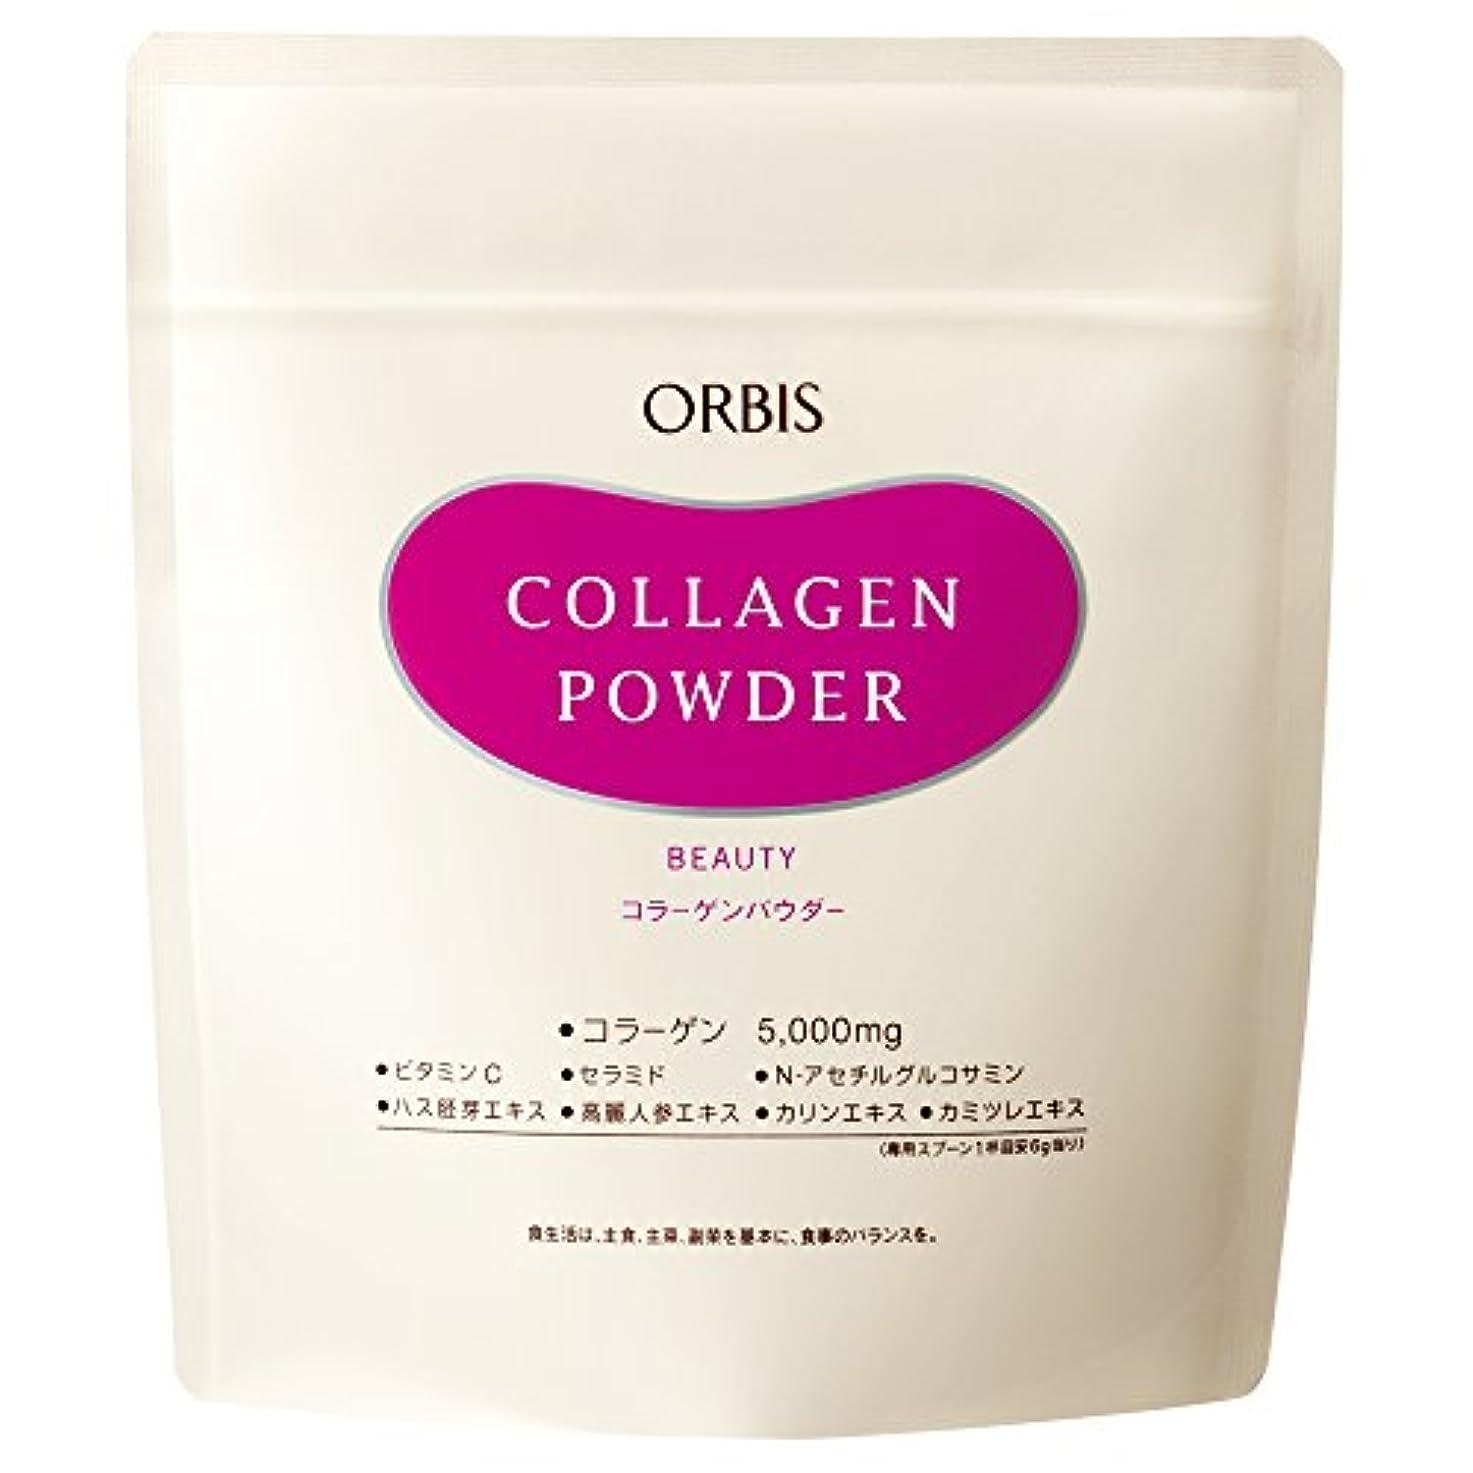 章あさり学習者オルビス(ORBIS) コラーゲンパウダー 約30日分(180g)